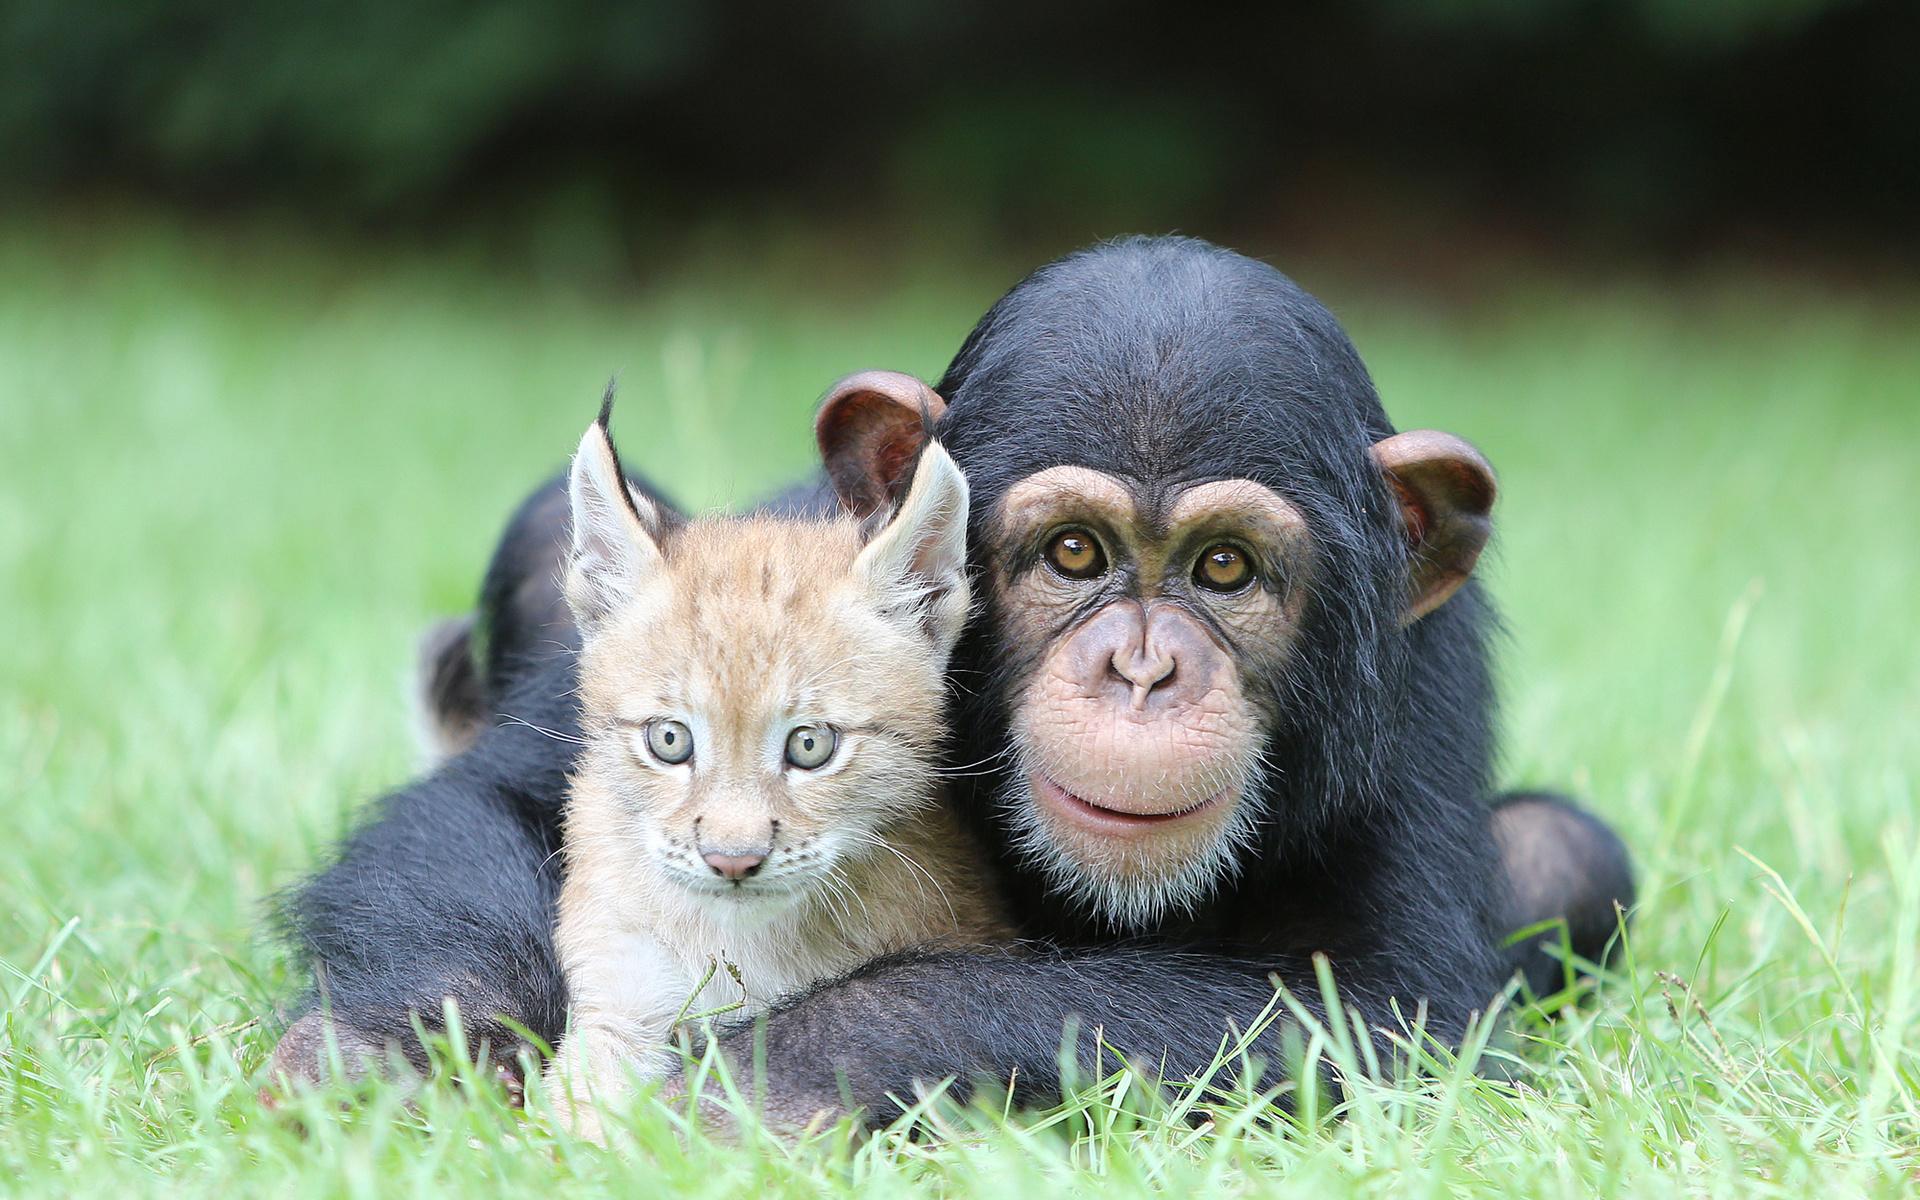 Картинки смешные животные смотреть в хорошем качестве, юбилеем